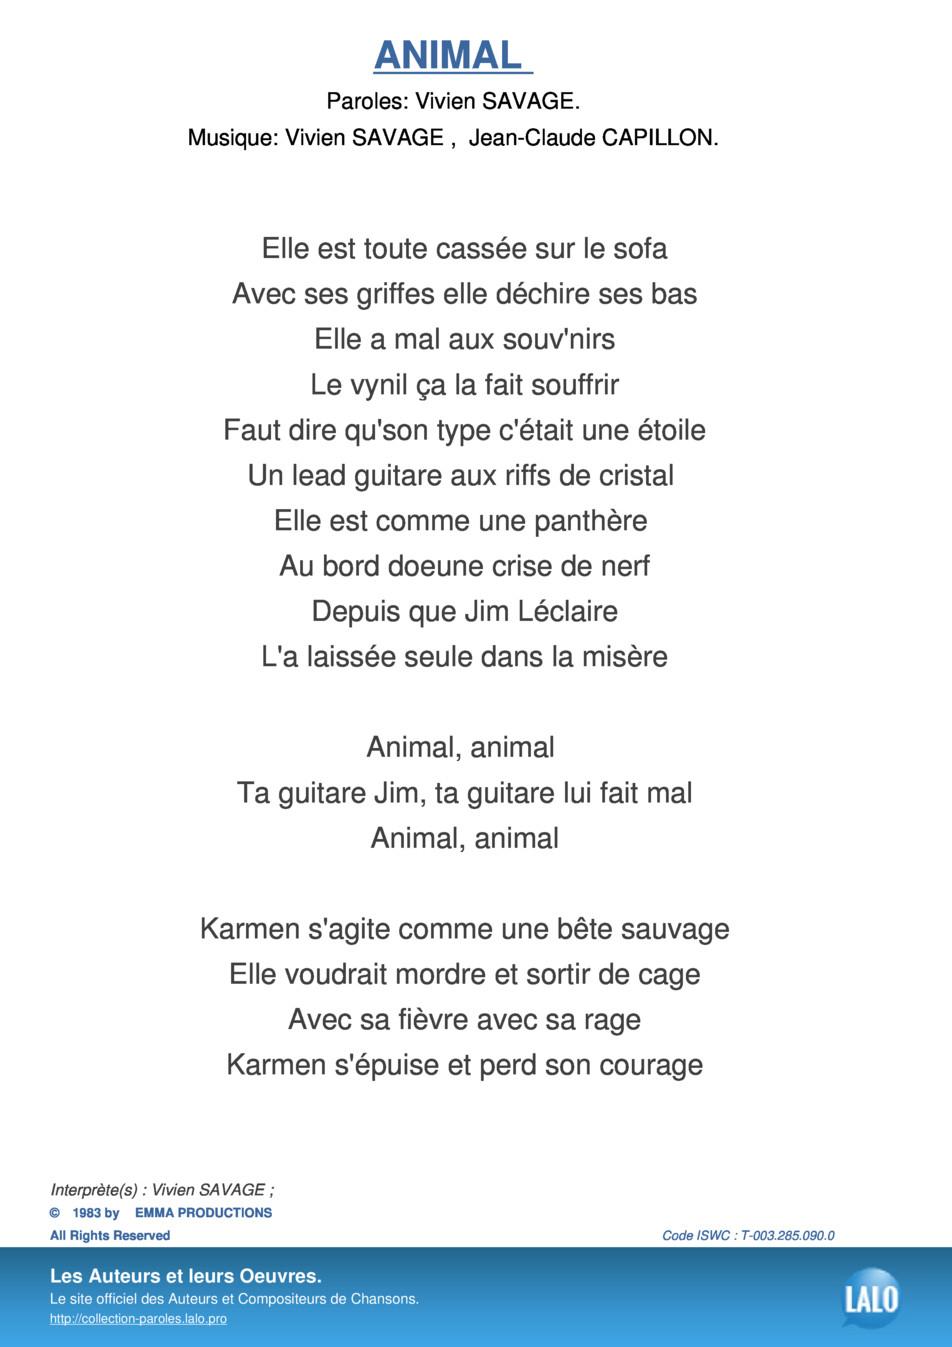 Paroles Et Musique De Animal Vivien Savage - Lalo.pro concernant Chanson Pour Les Animaux